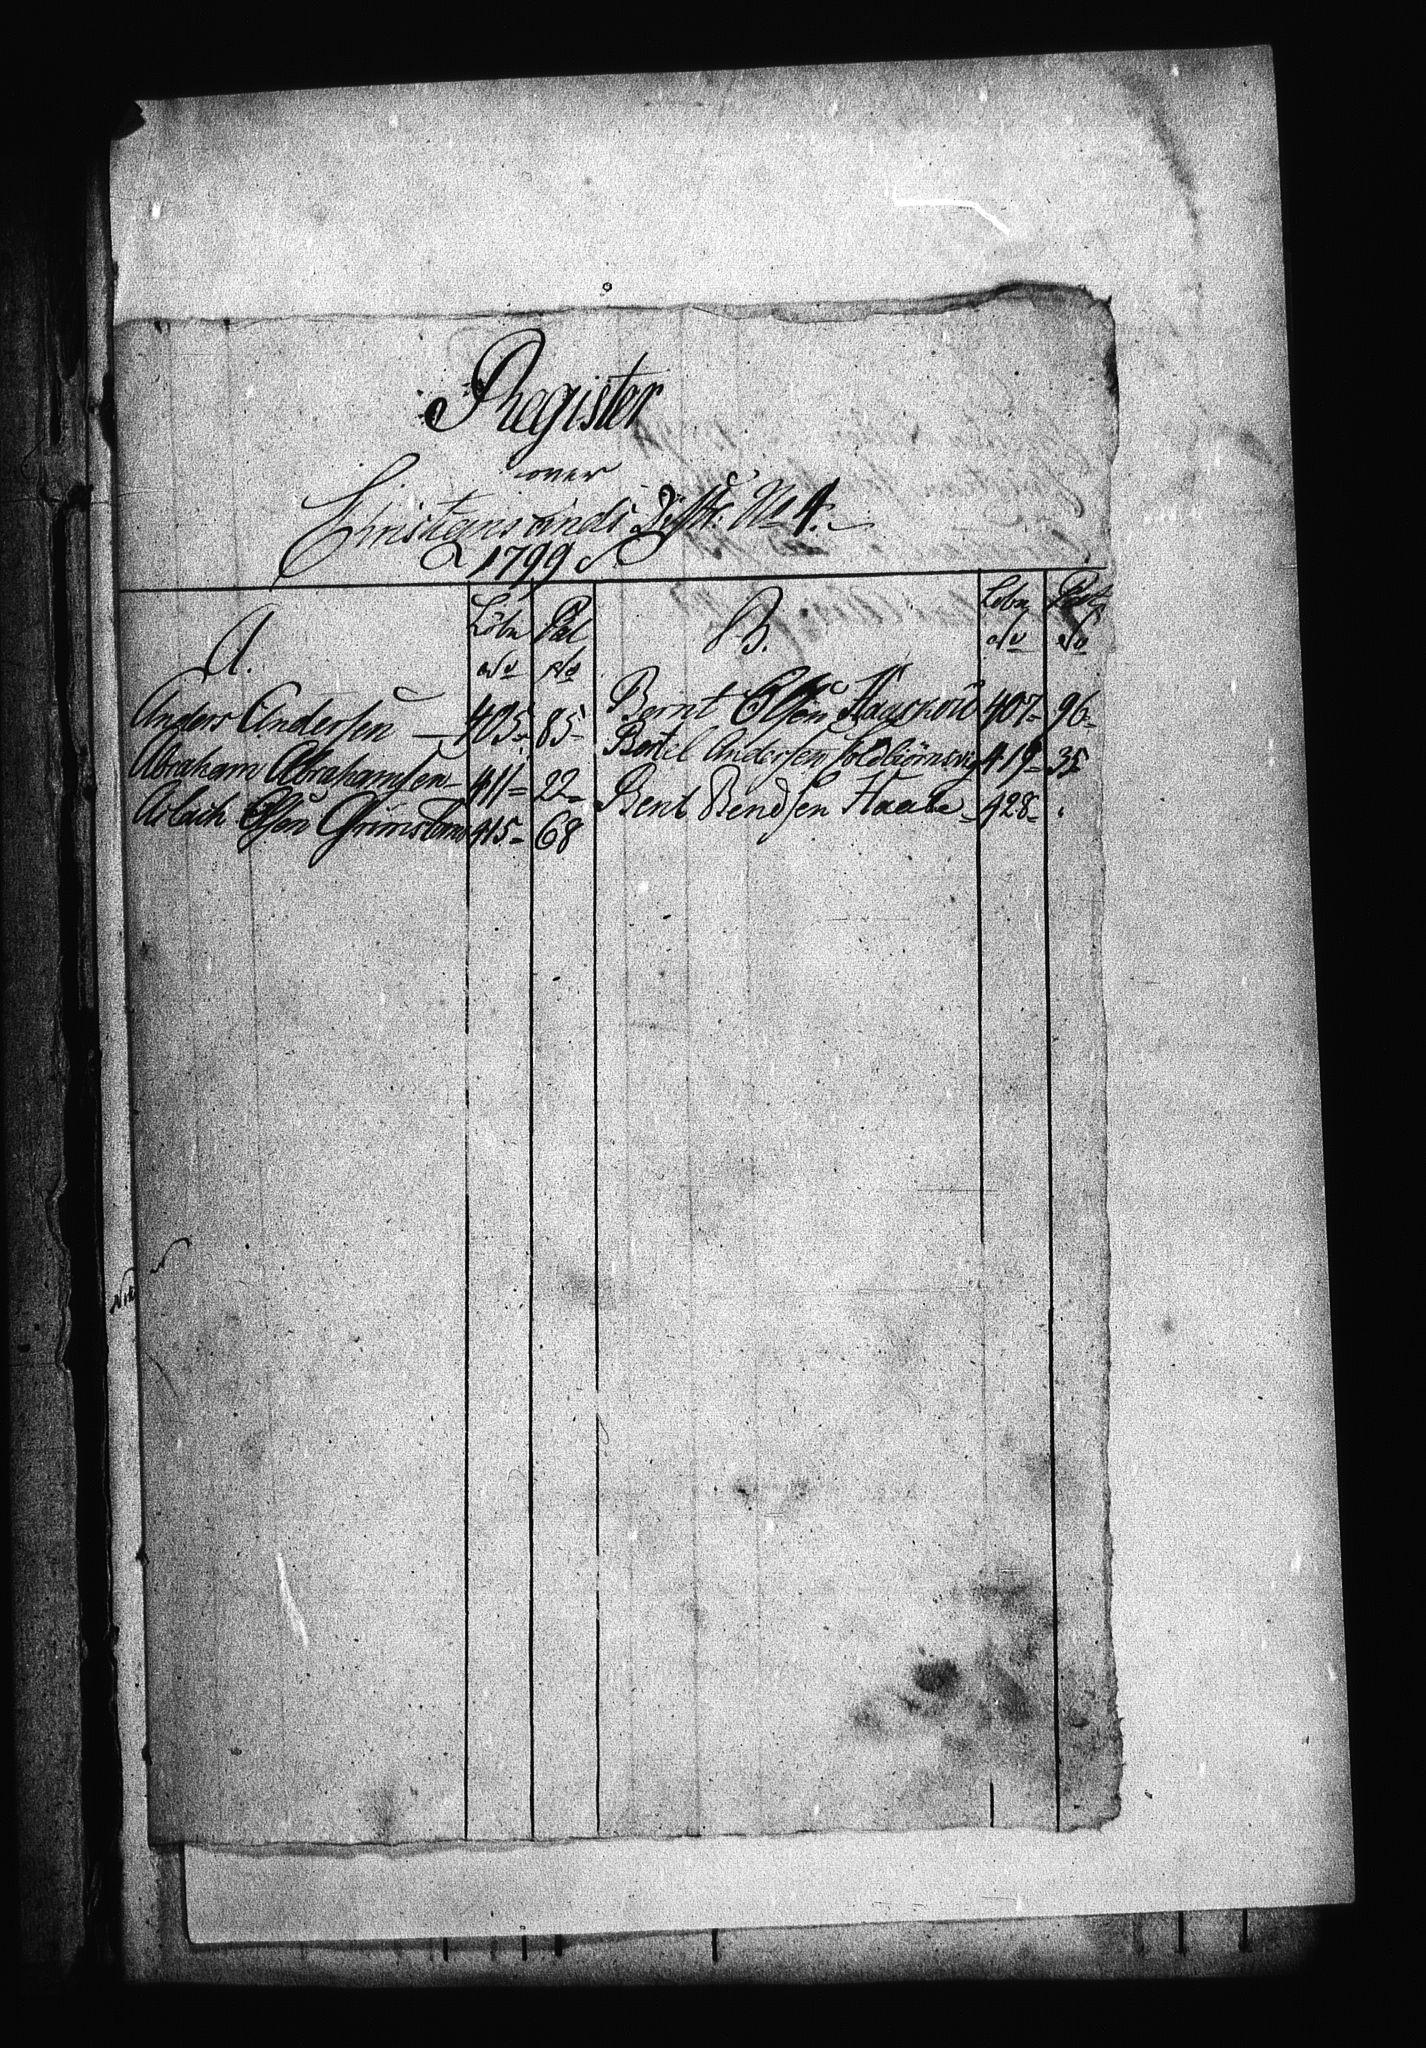 RA, Sjøetaten, F/L0035: Kristiansand distrikt, bind 4, 1799